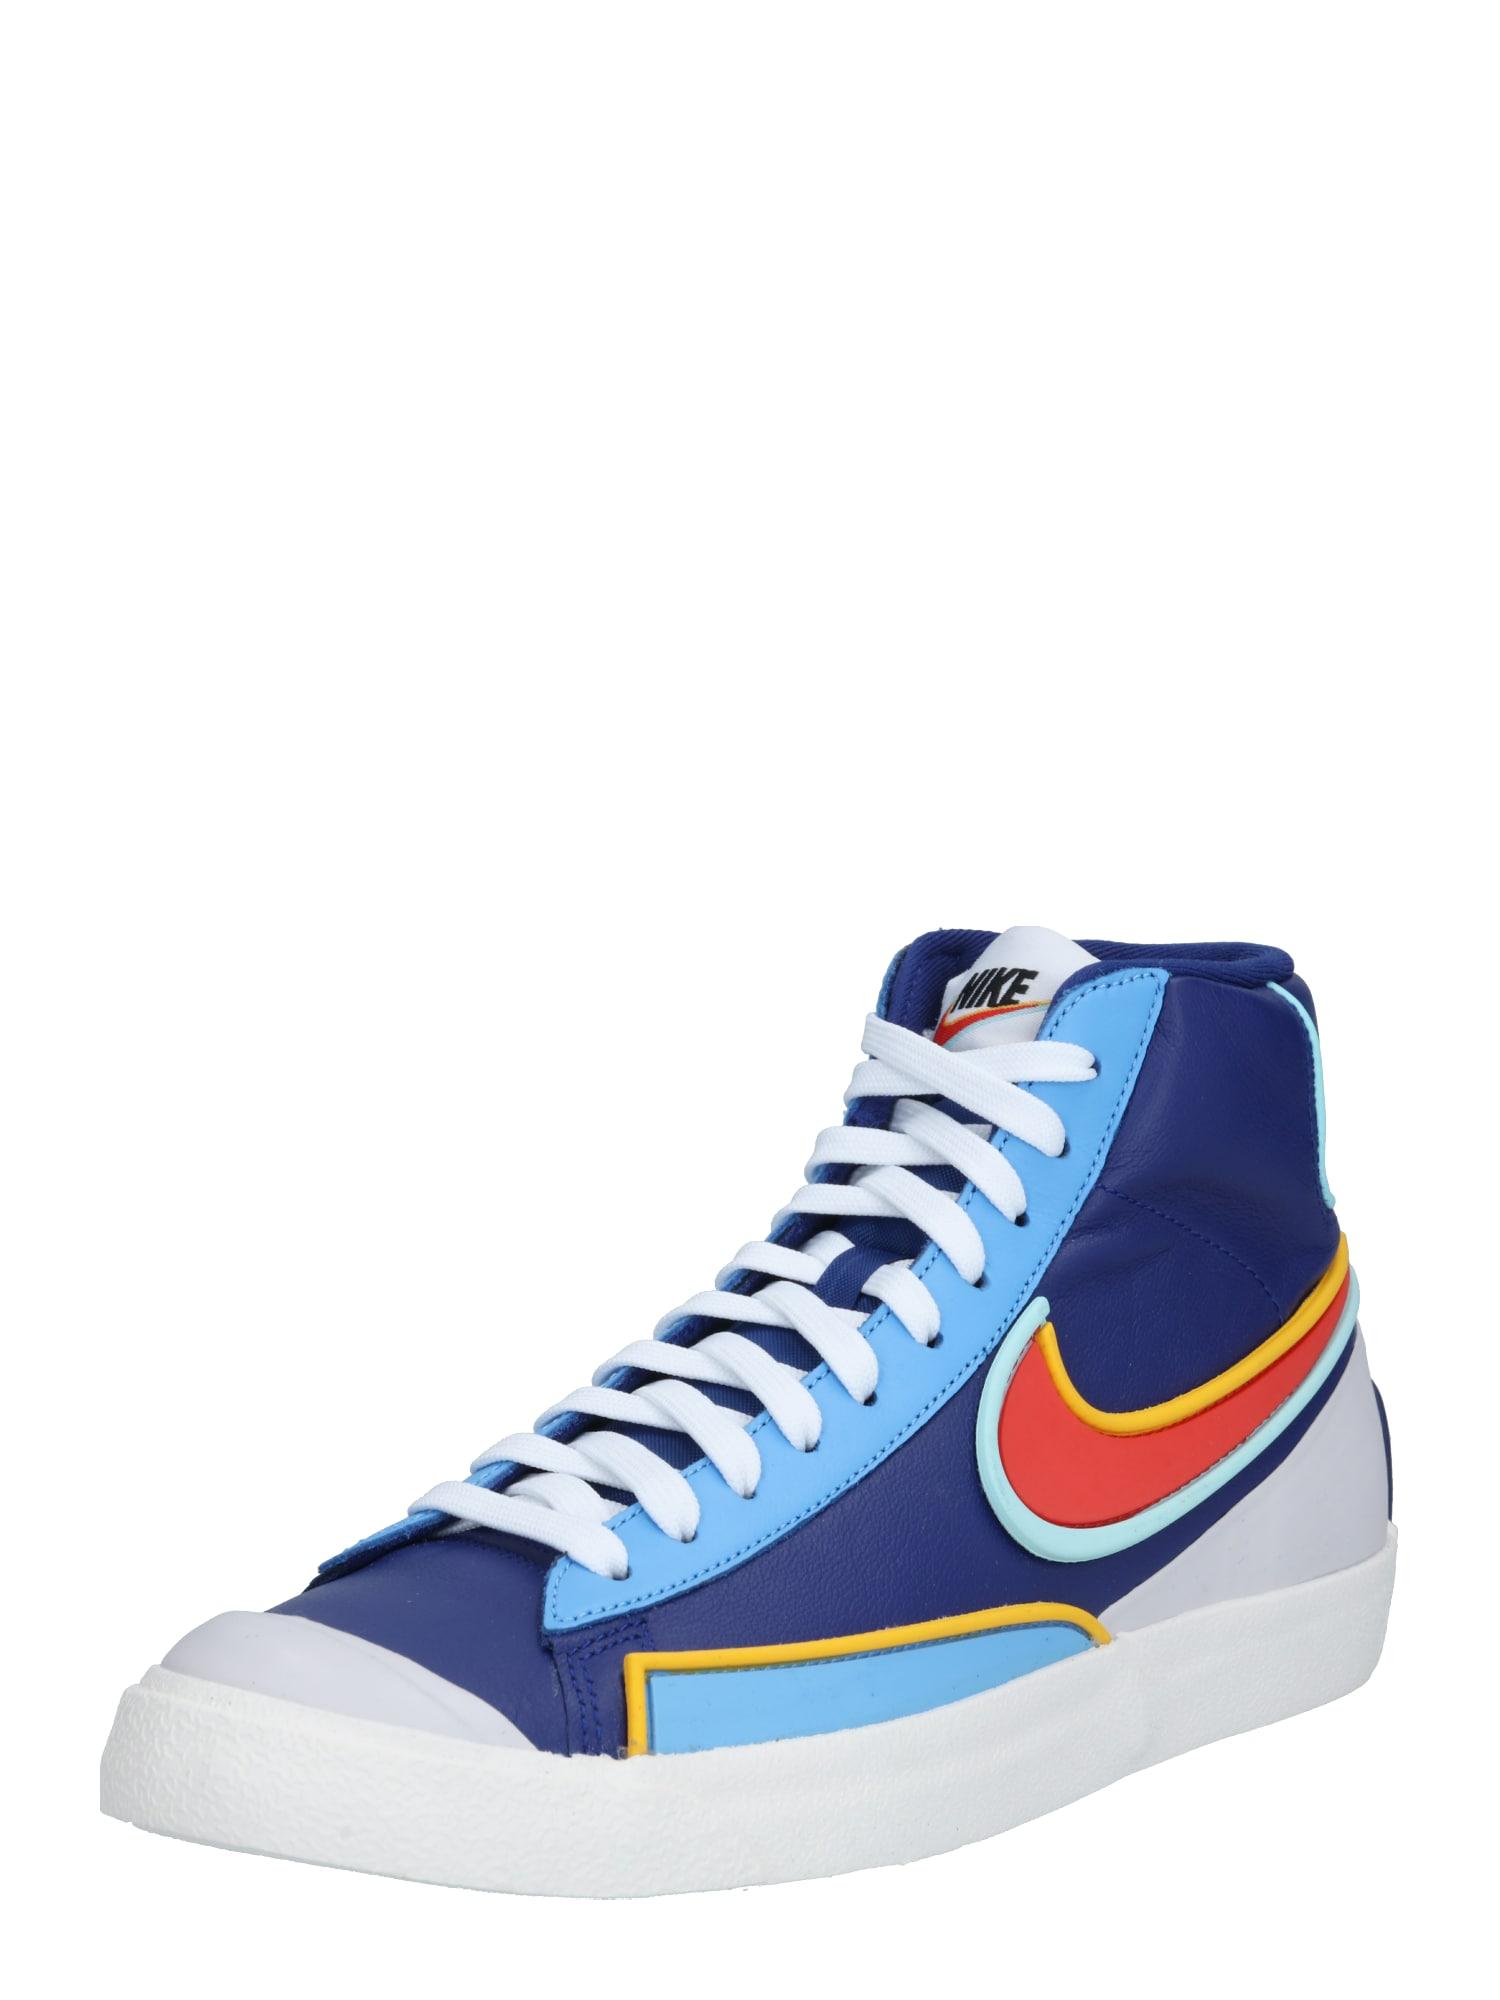 Nike Sportswear Kotníkové tenisky '77 Infinite'  oranžově červená / tmavě modrá / světlemodrá